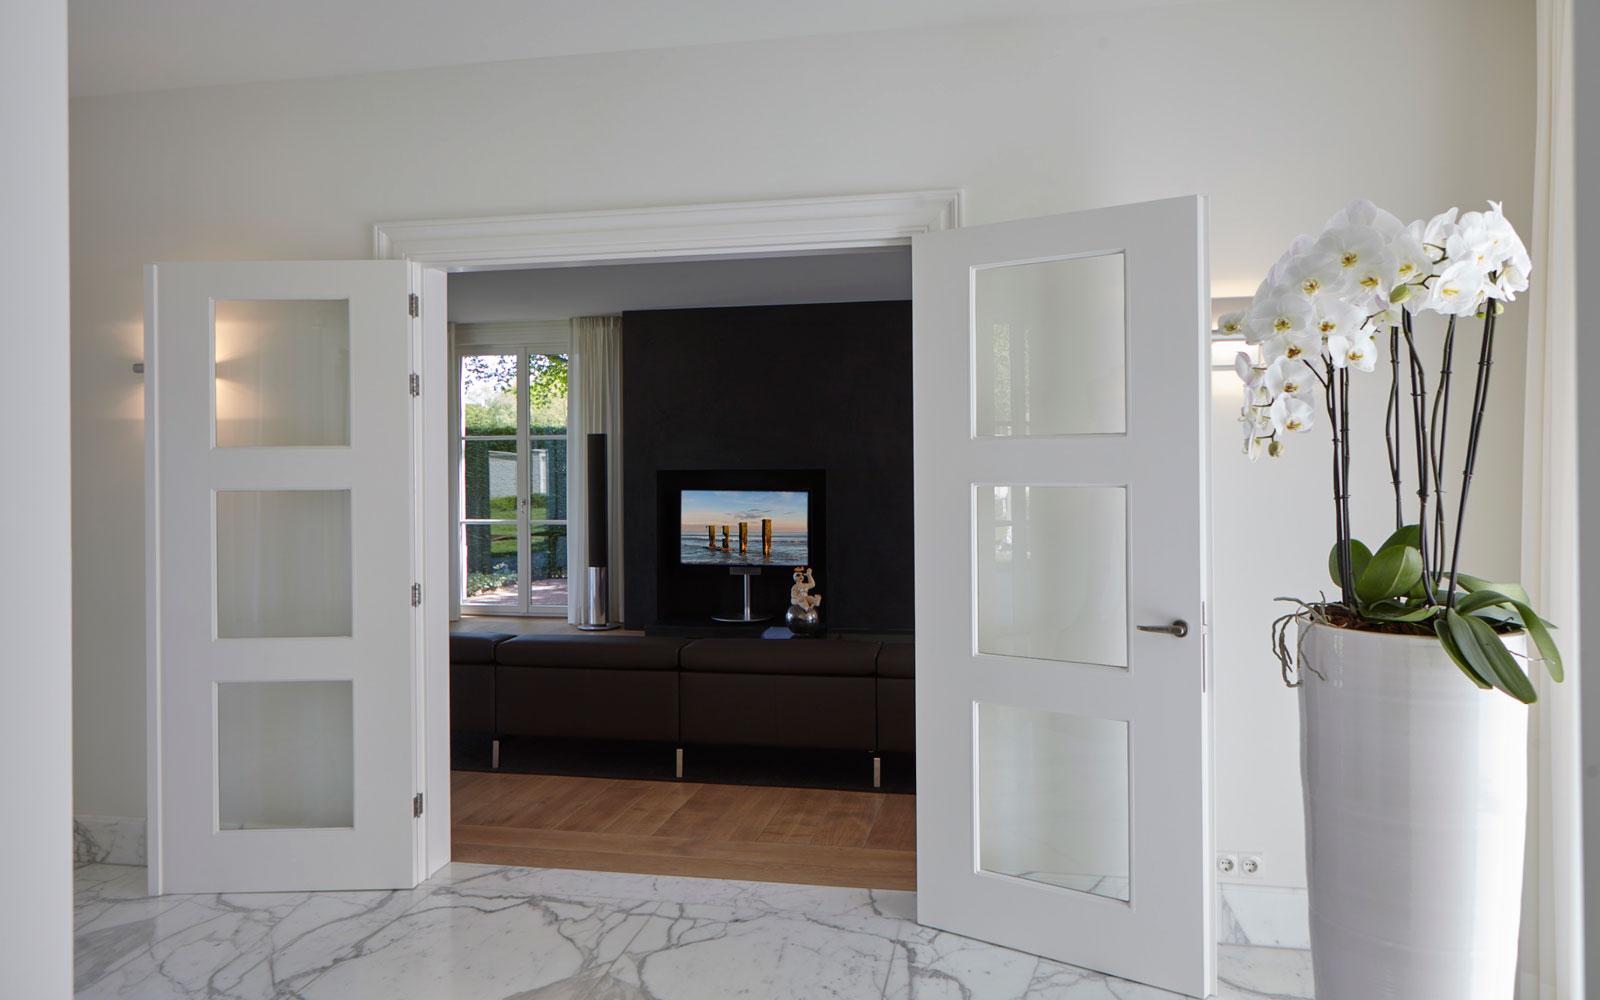 Hal, deuren naar de woonkamer, marmeren vloer, houten vloer, televisie Band & Olufsen, marmeren villa, Rob Zeelen Interior